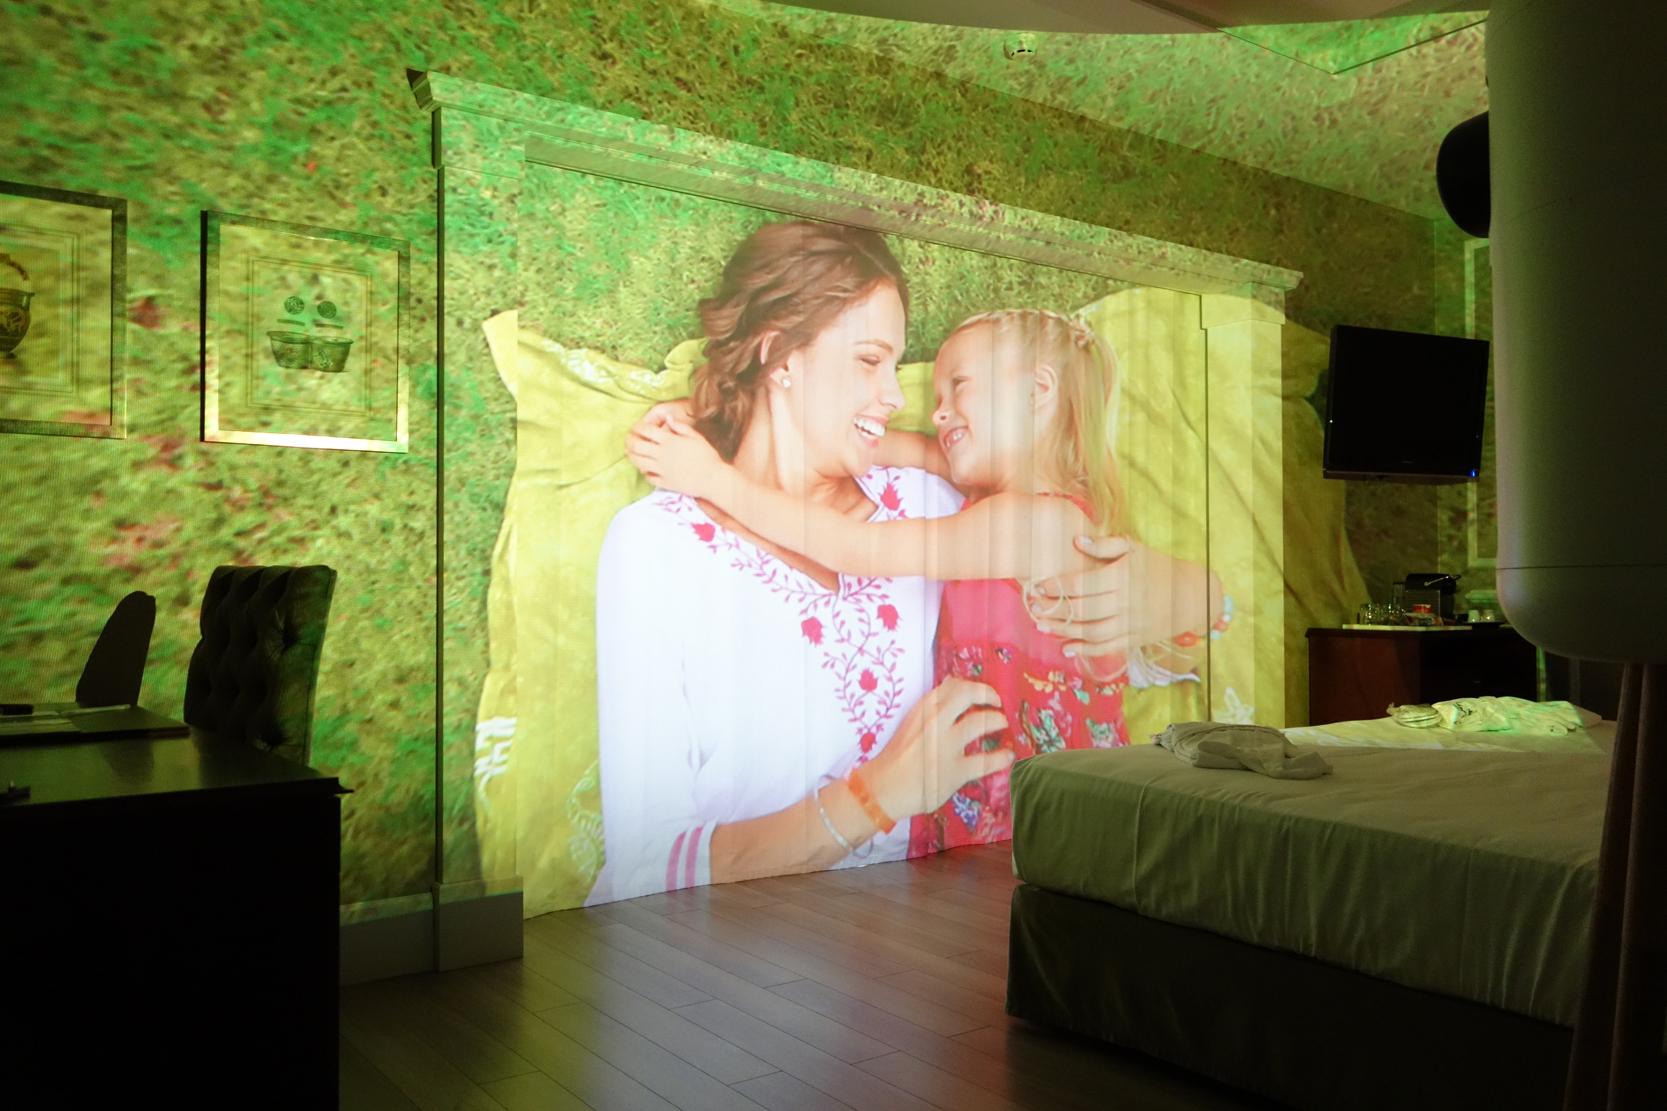 Hotel Catalonia SD, un destino de negocios y ocio que se renueva cada día